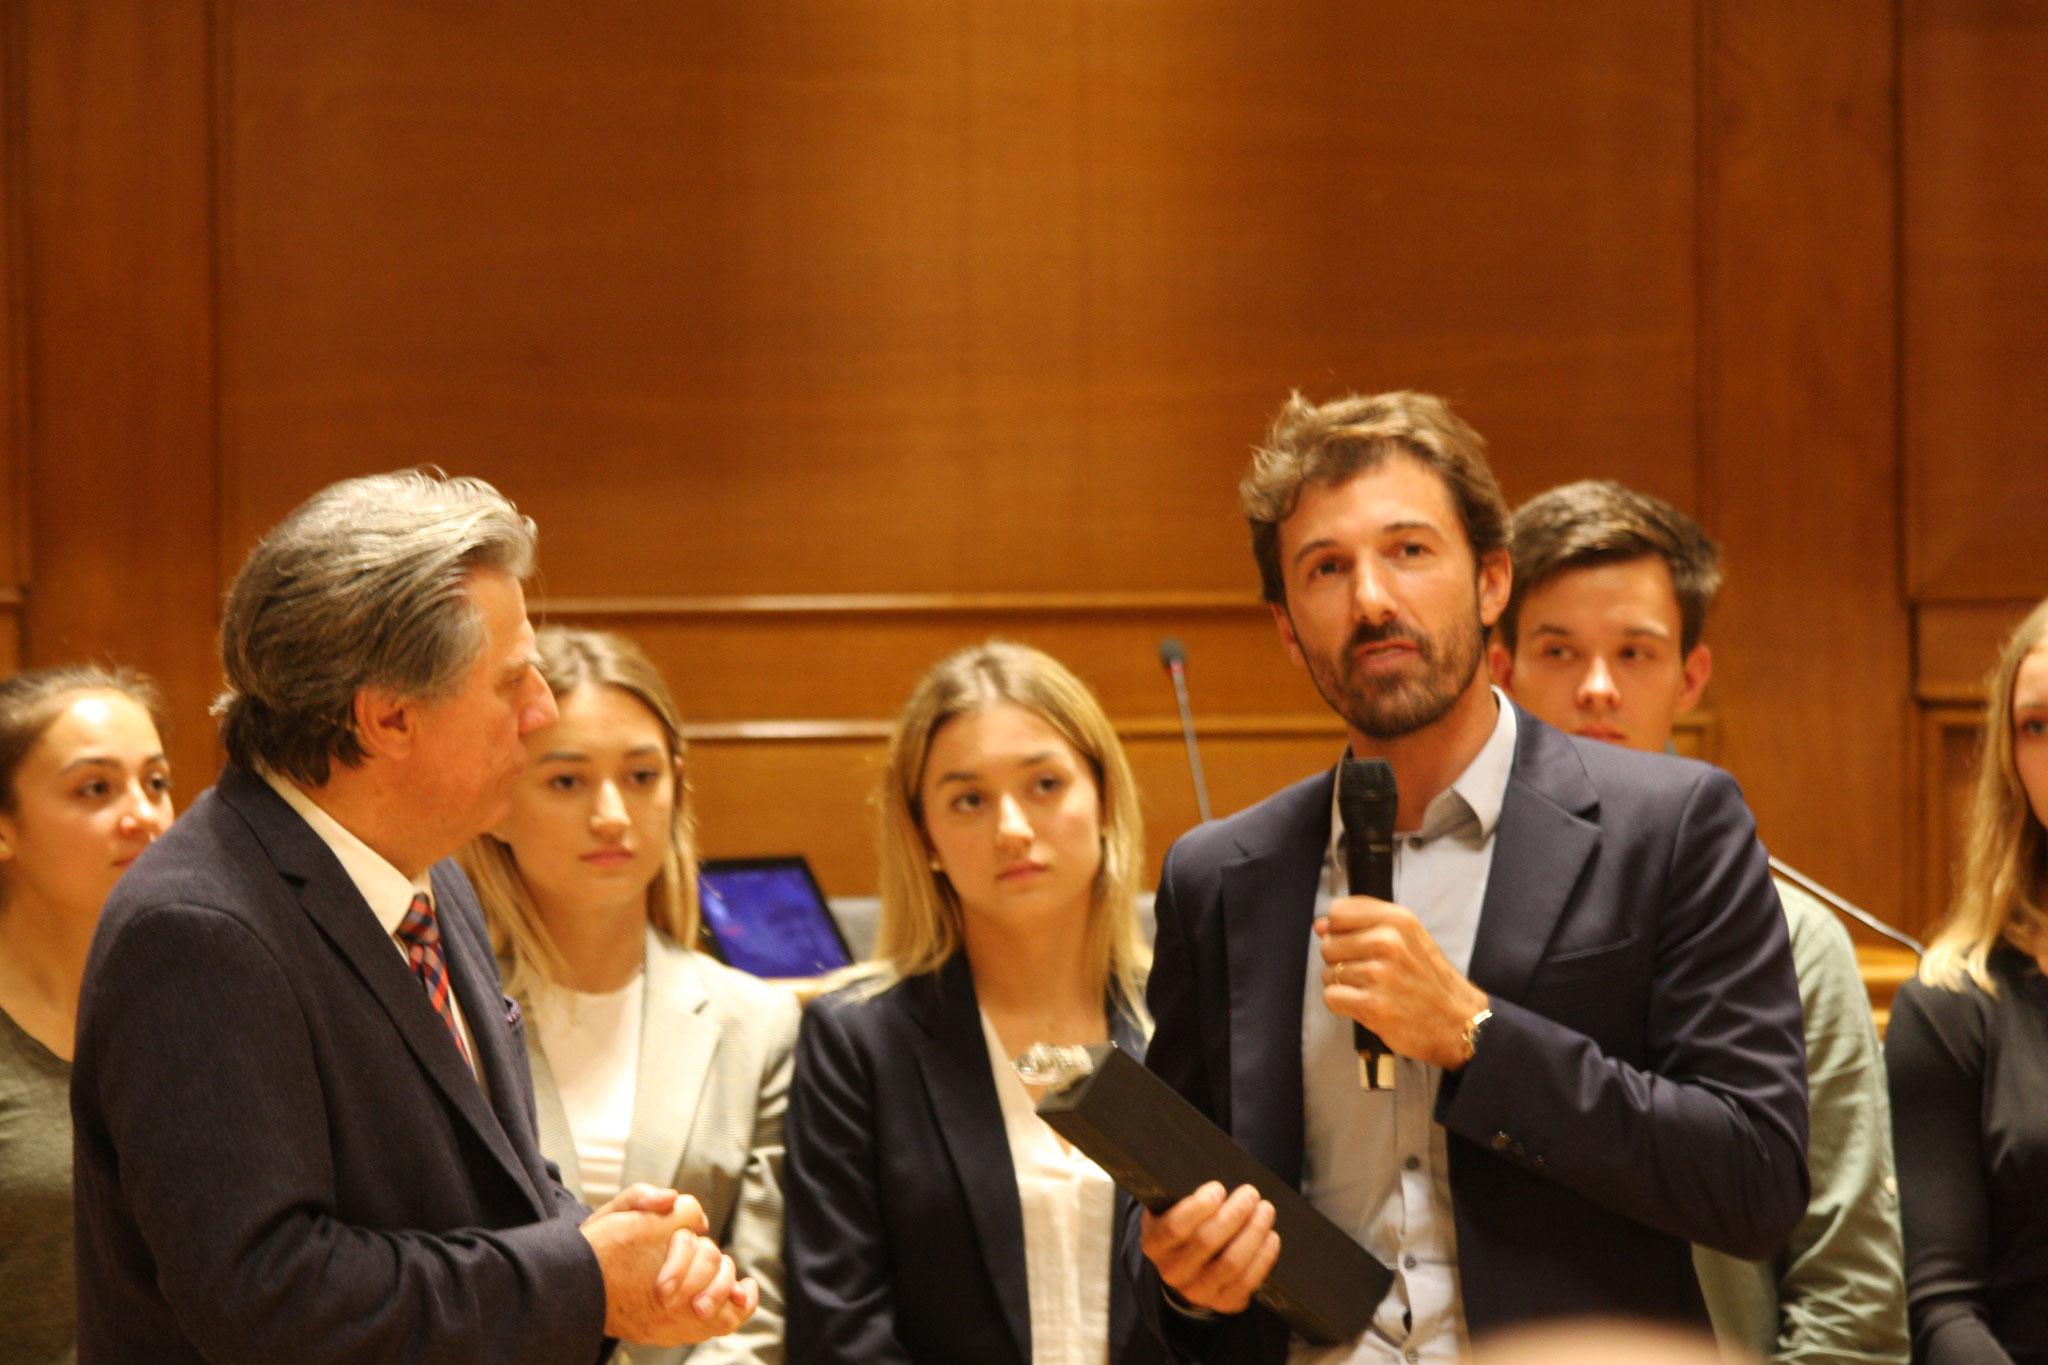 Fabian Cancellara war ebenfalls dort und hielt eine Laudatio.